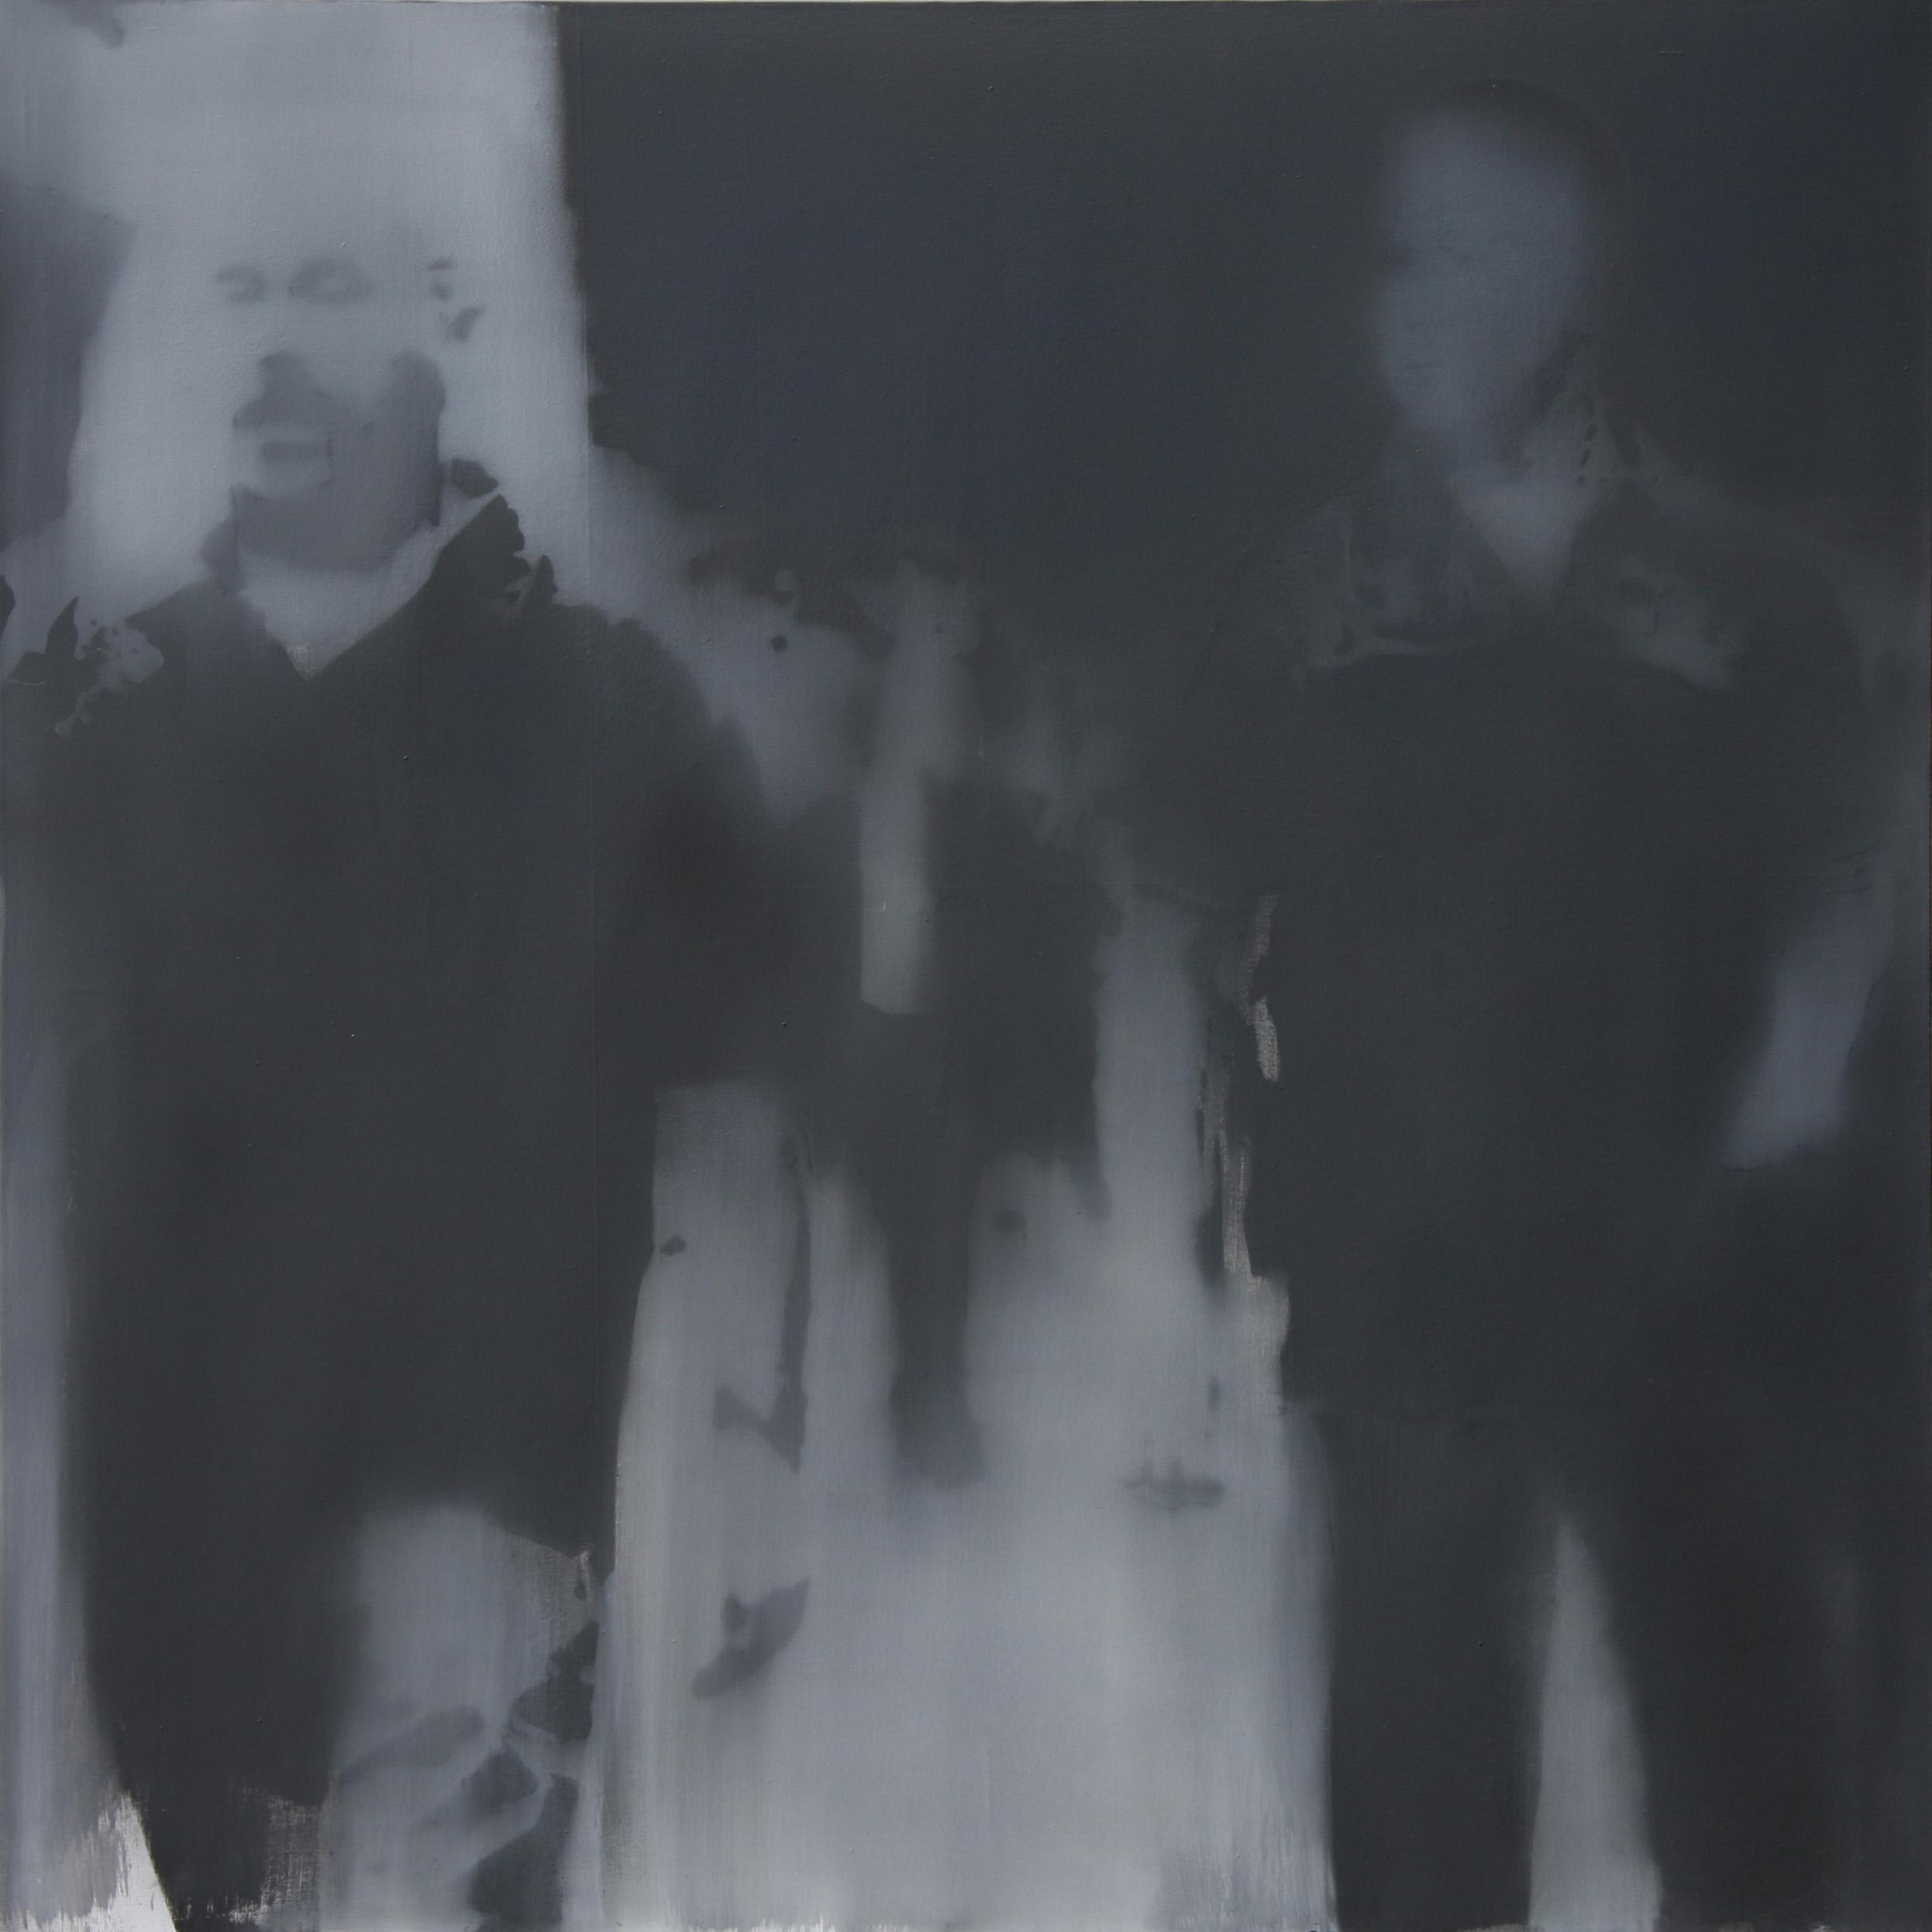 Kopie von 0720011 2007 Öl-Leinwand 200 x 200 cm